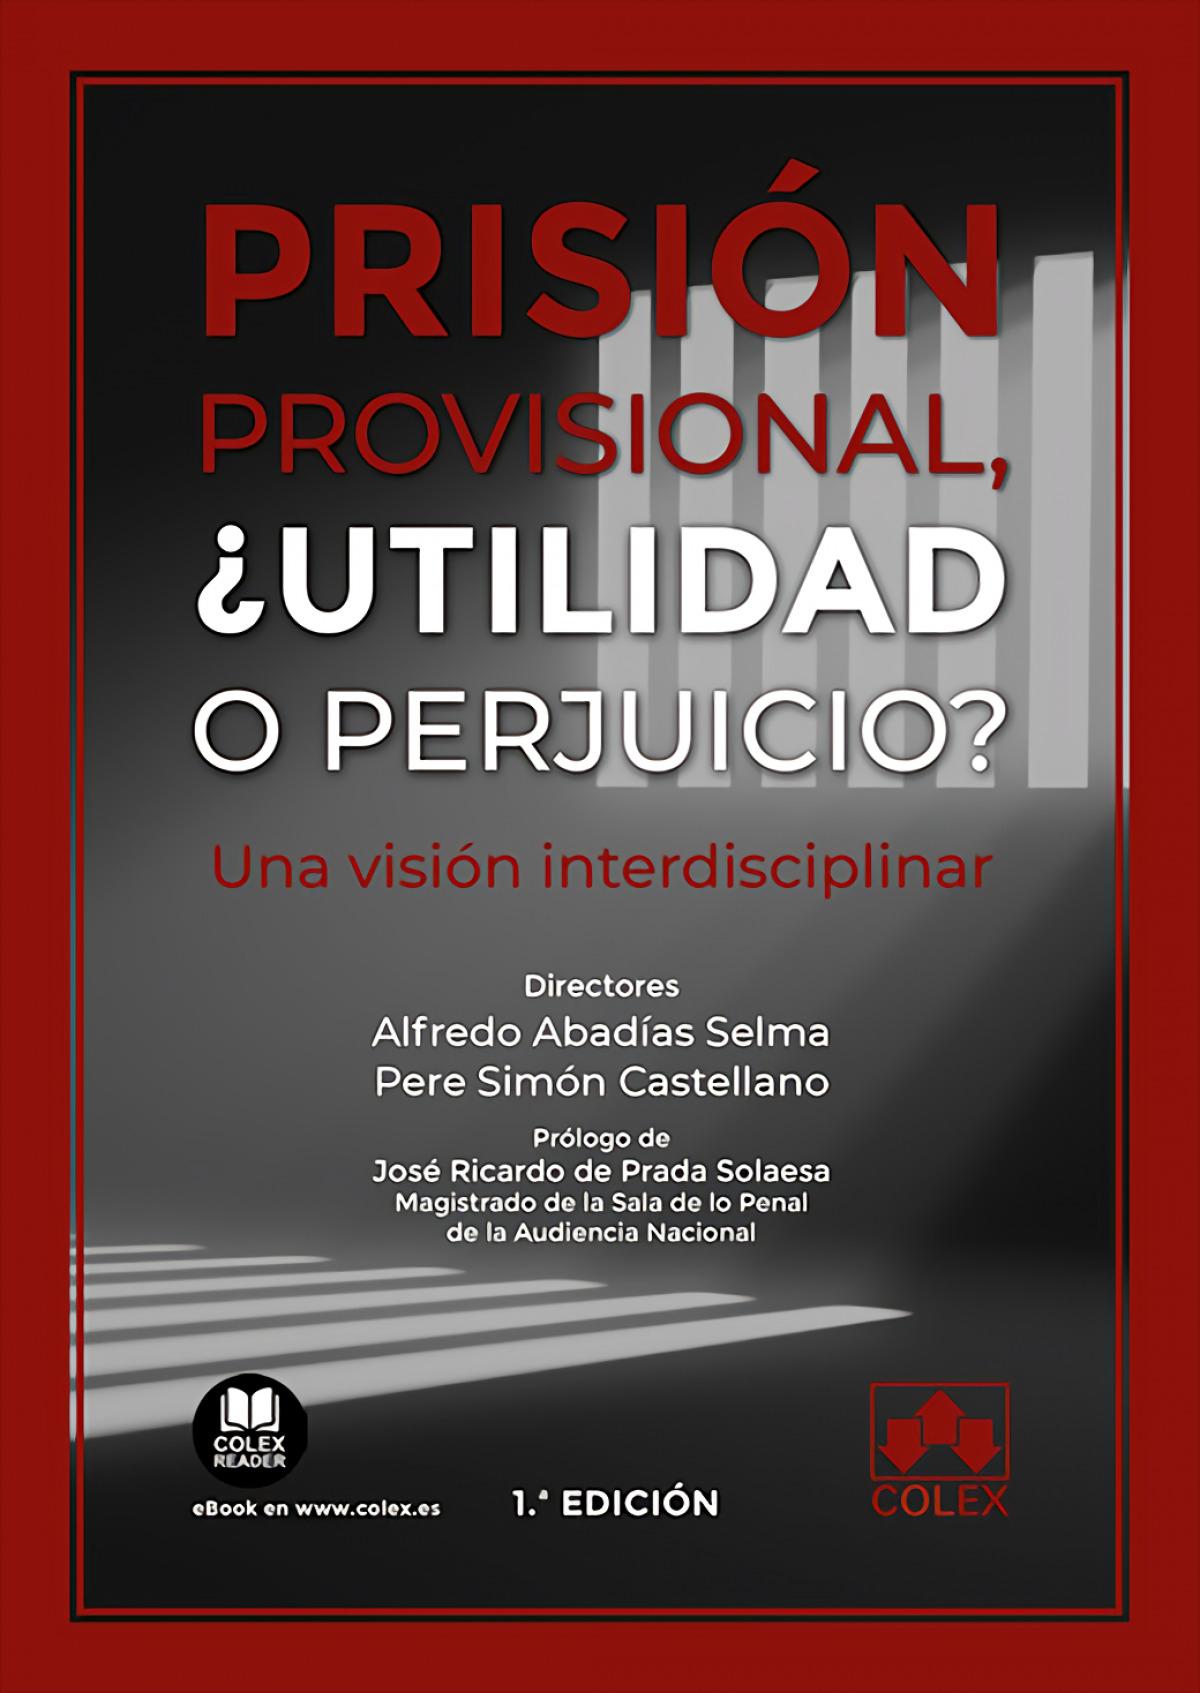 Prisión provisional, ¿utilidad o perjuicio? 9788413591070